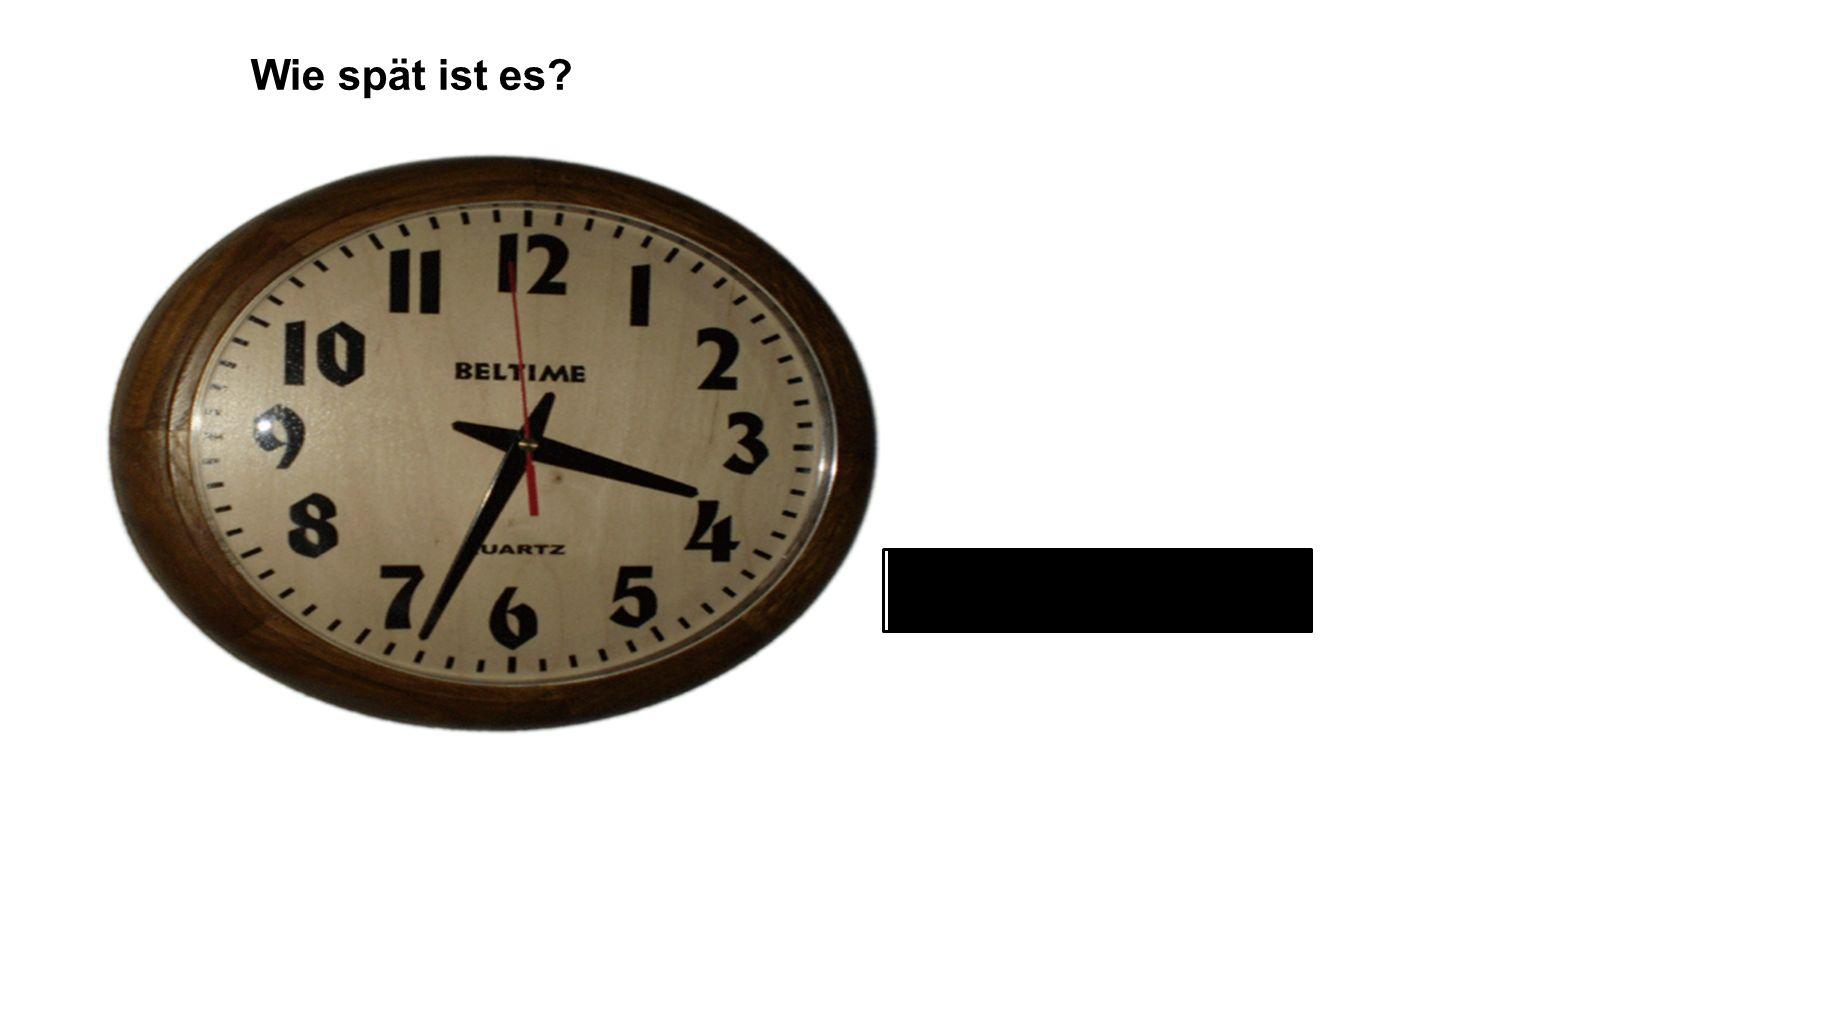 Wie spät ist es vier nach halb vier